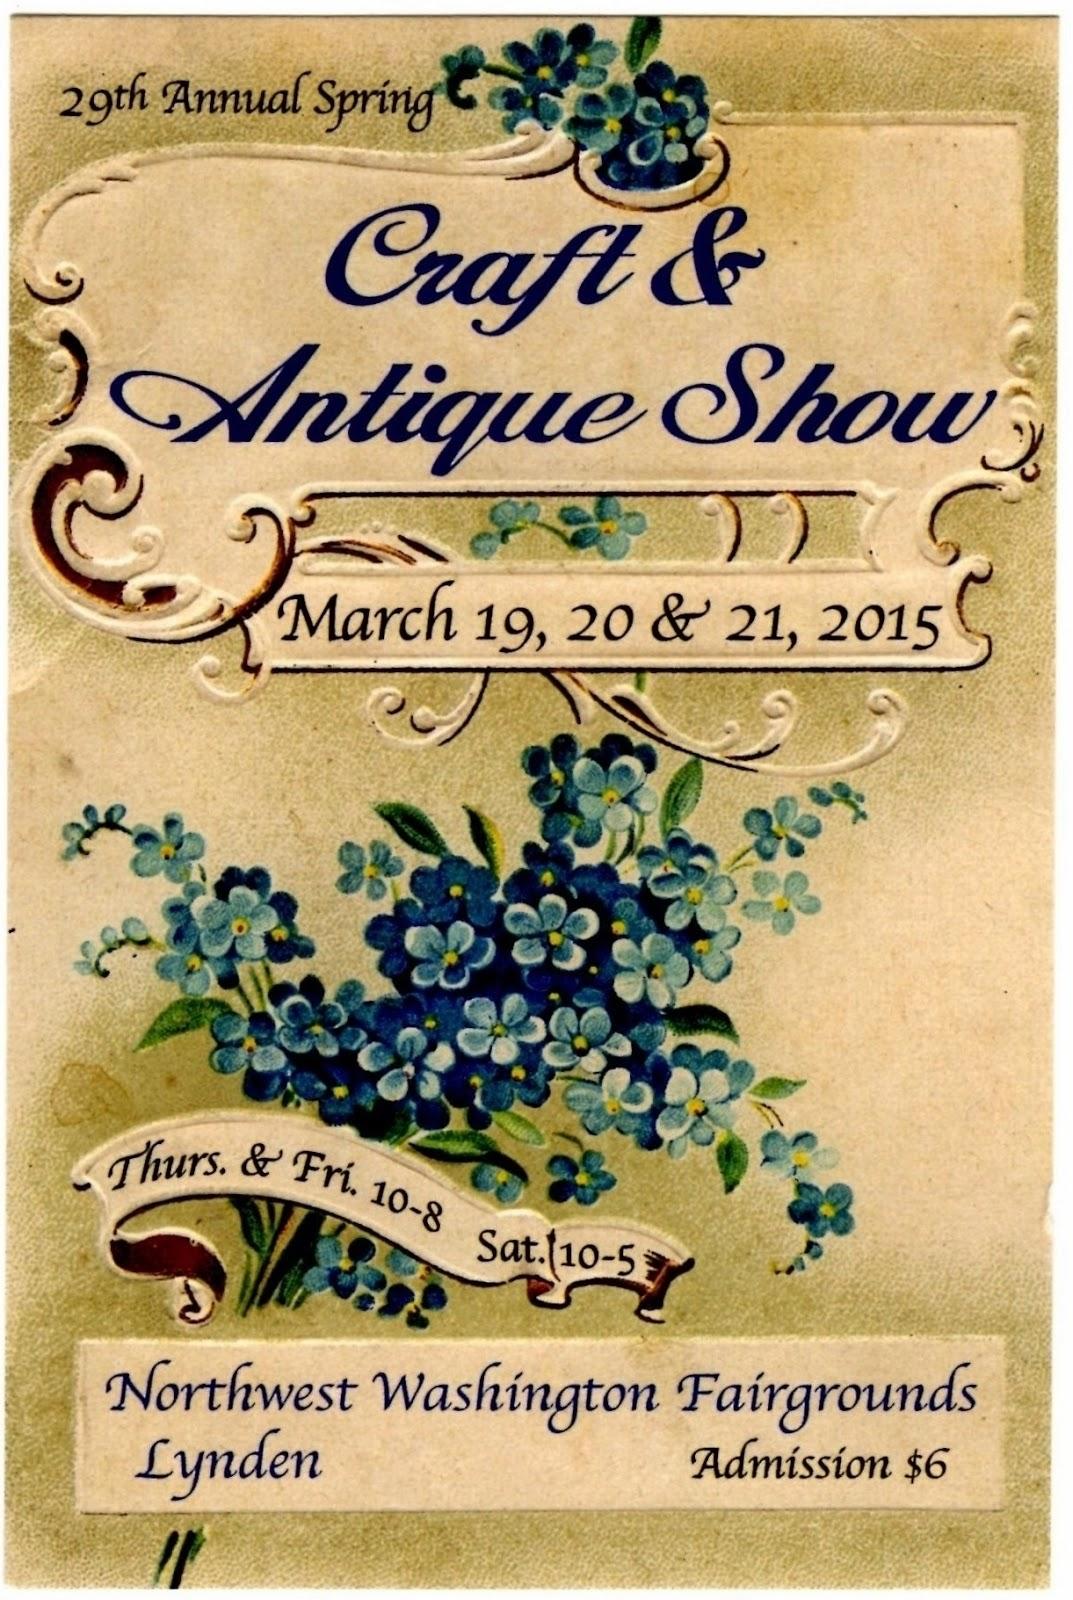 http://4.bp.blogspot.com/-hbpqcHVfU5o/VPr_yDHxjnI/AAAAAAAAS7E/MFZnSlqZMLQ/s1600/Lynden-2015-Antique-show-info.jpg